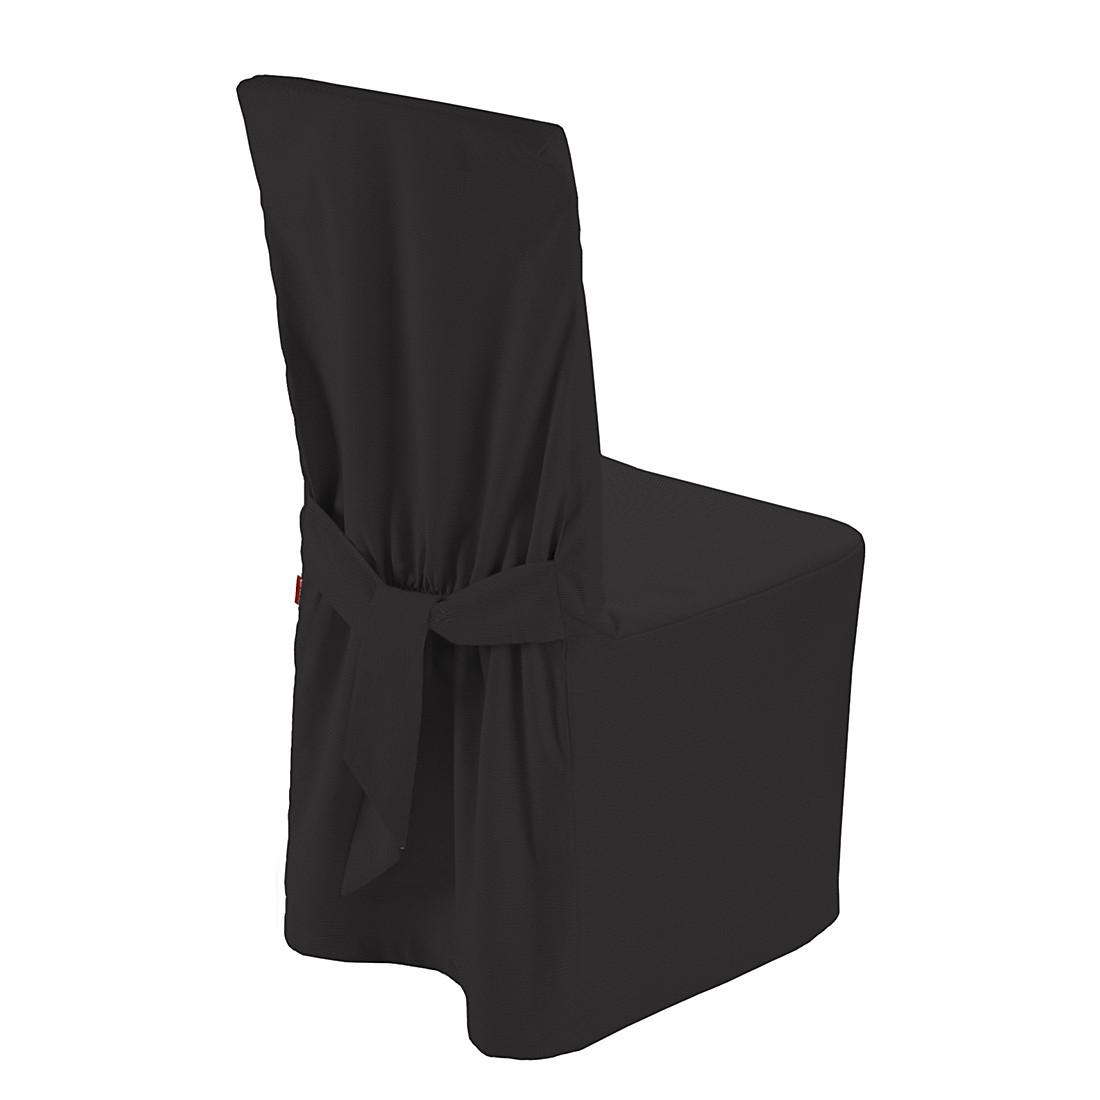 Home 24 - Housse de chaise cotton panama - anthracite, dekoria